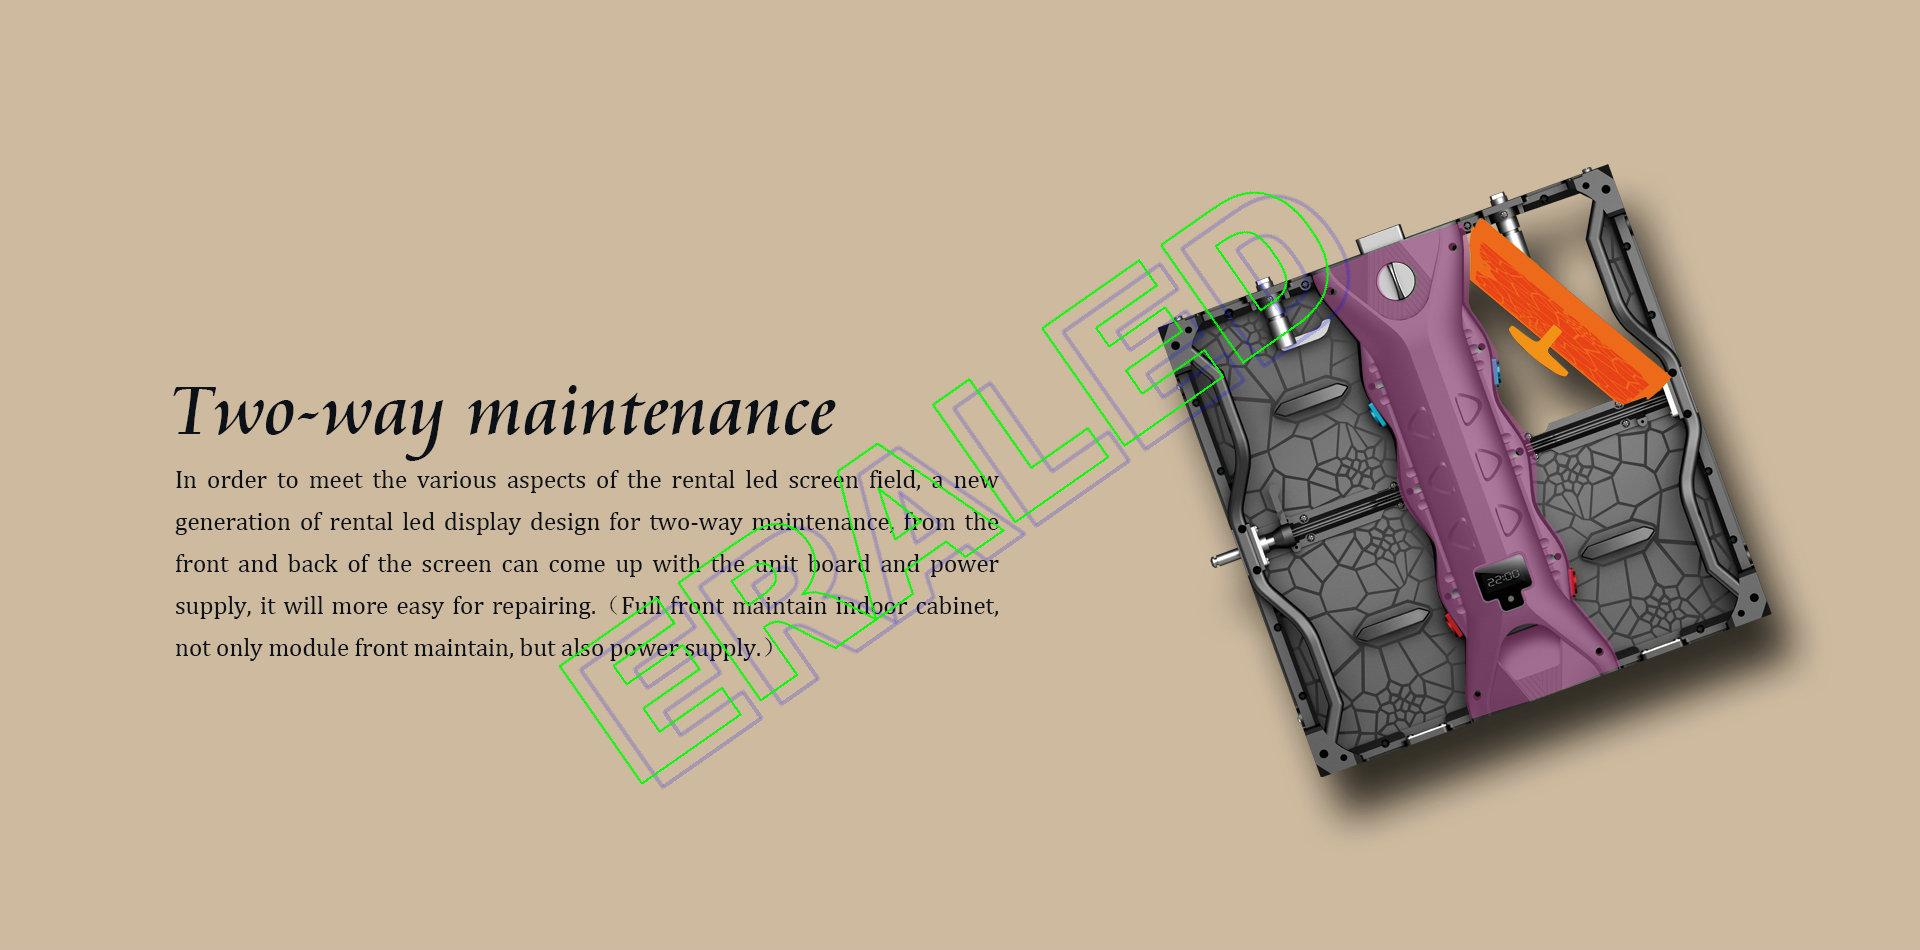 500x500-dual-service3.jpg